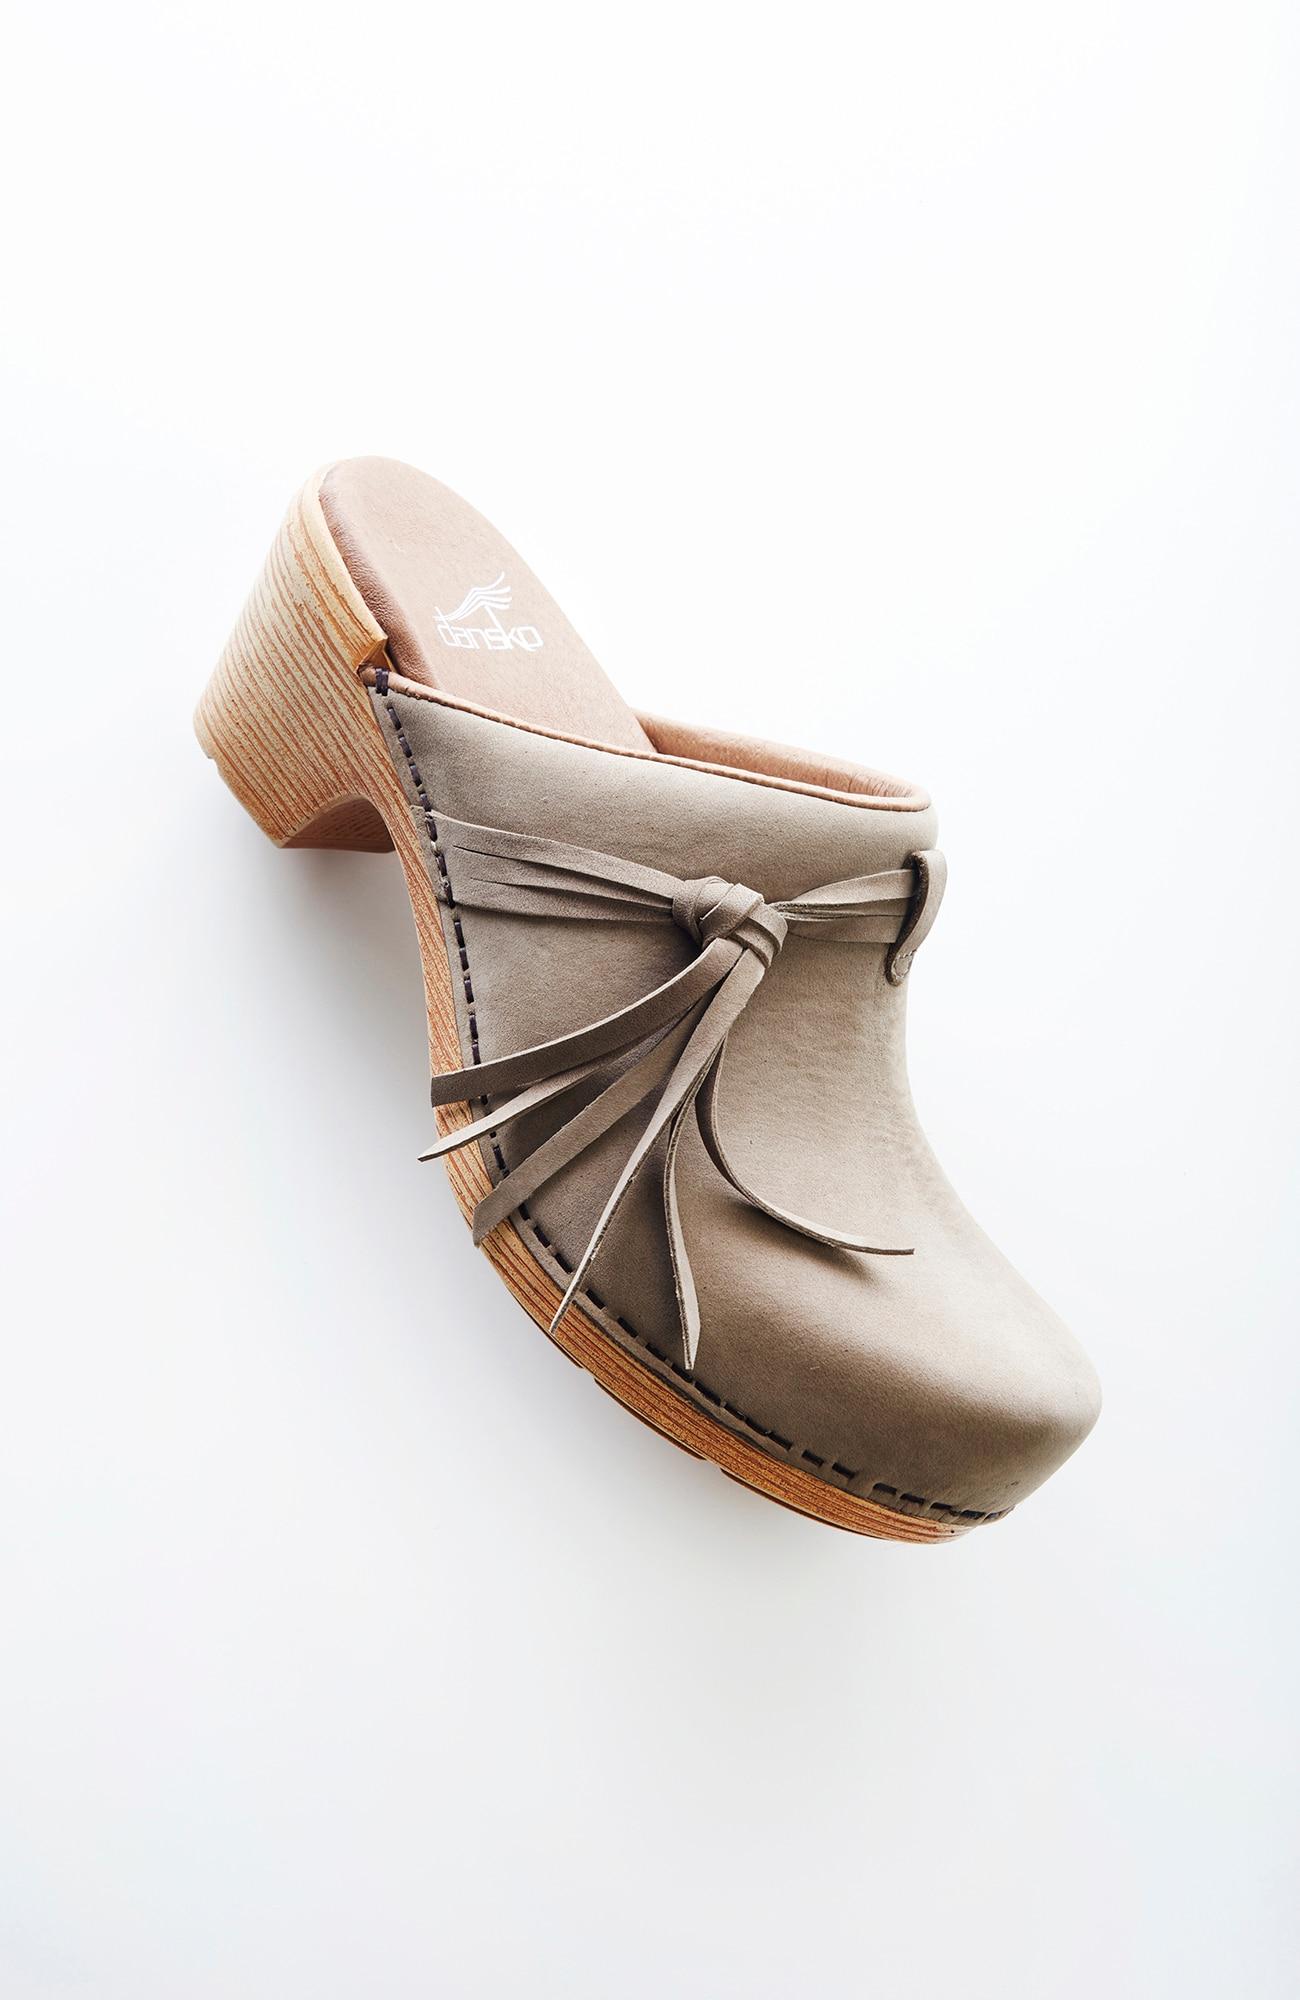 Dansko® Miriam clogs